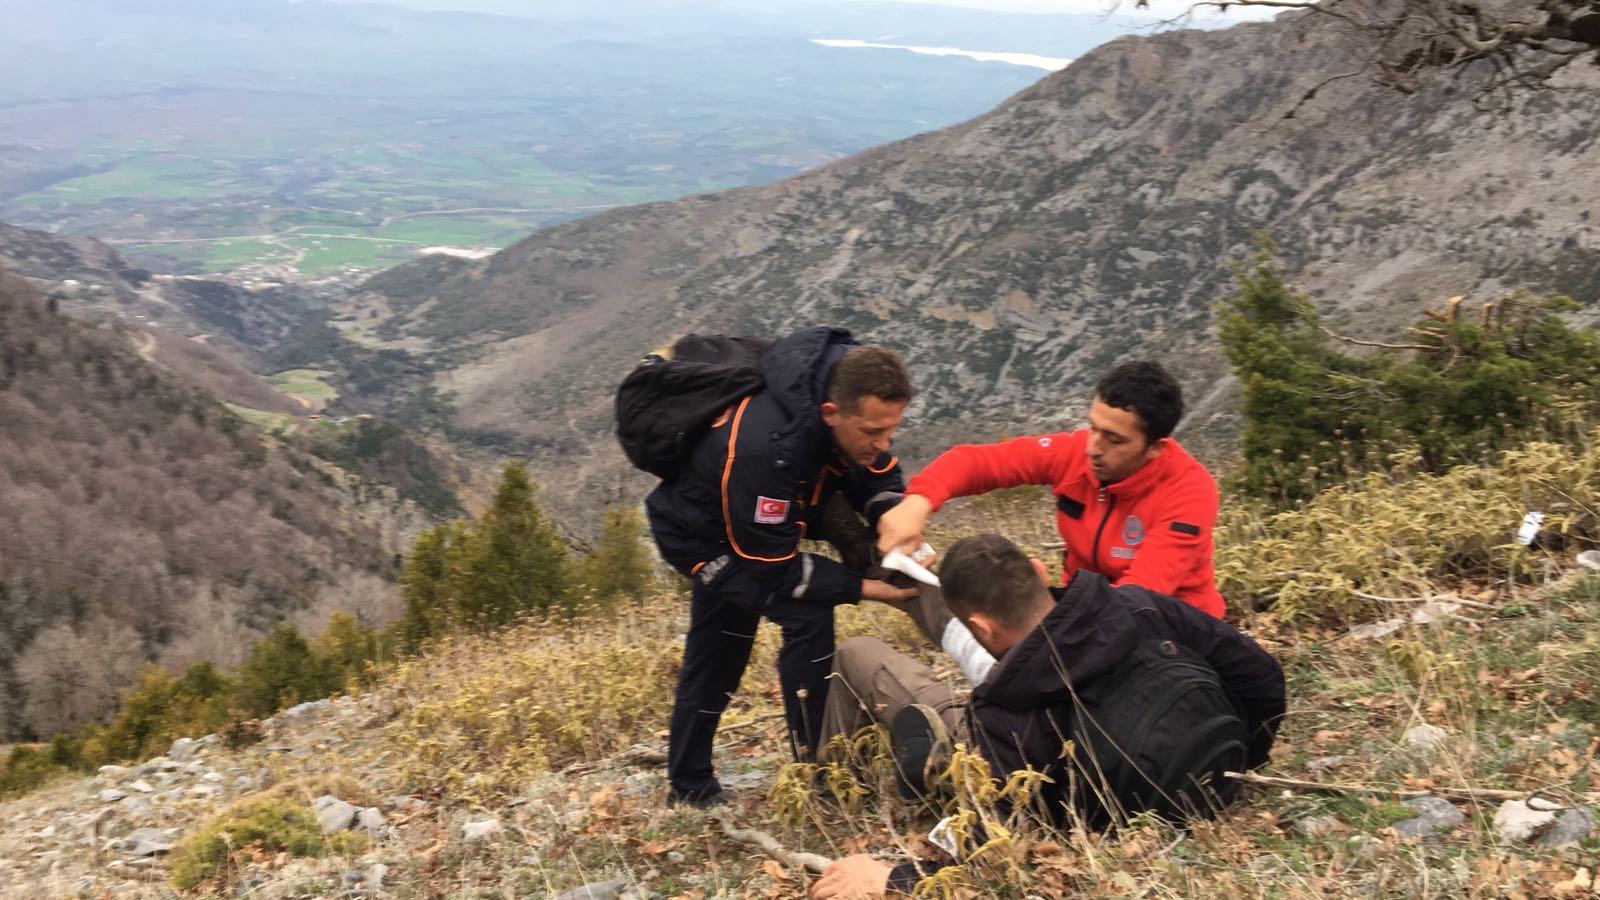 Düldül Dağı Zirvesinde Mahsur Kalan Vatandaşı Umke Ve Afad Ekipleri Kurtardı